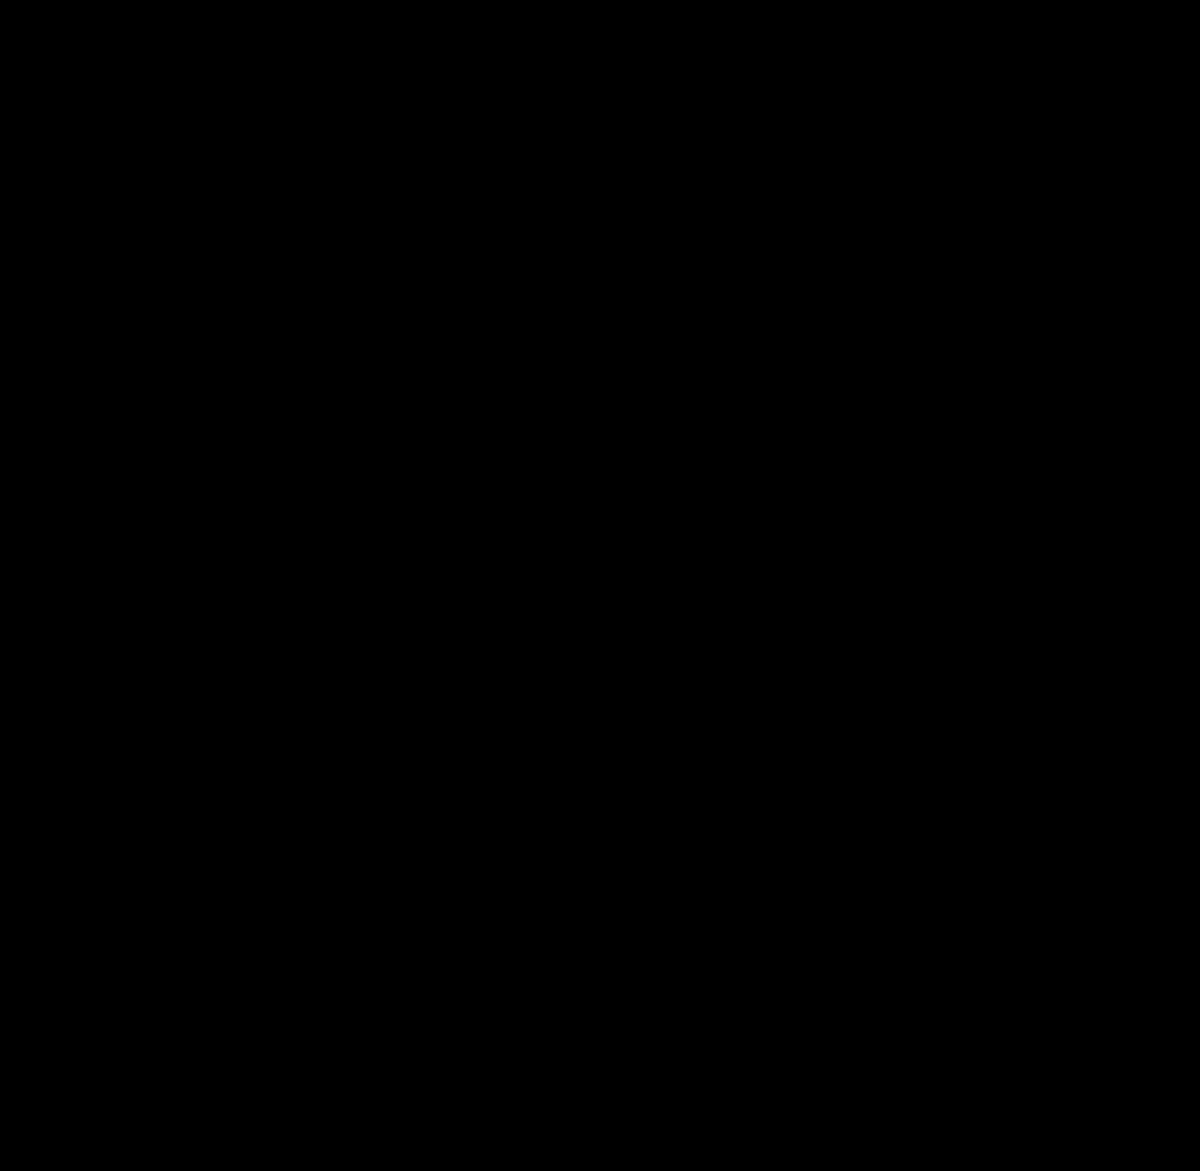 Bulldog wandgemonteerde flesopener – gietijzer